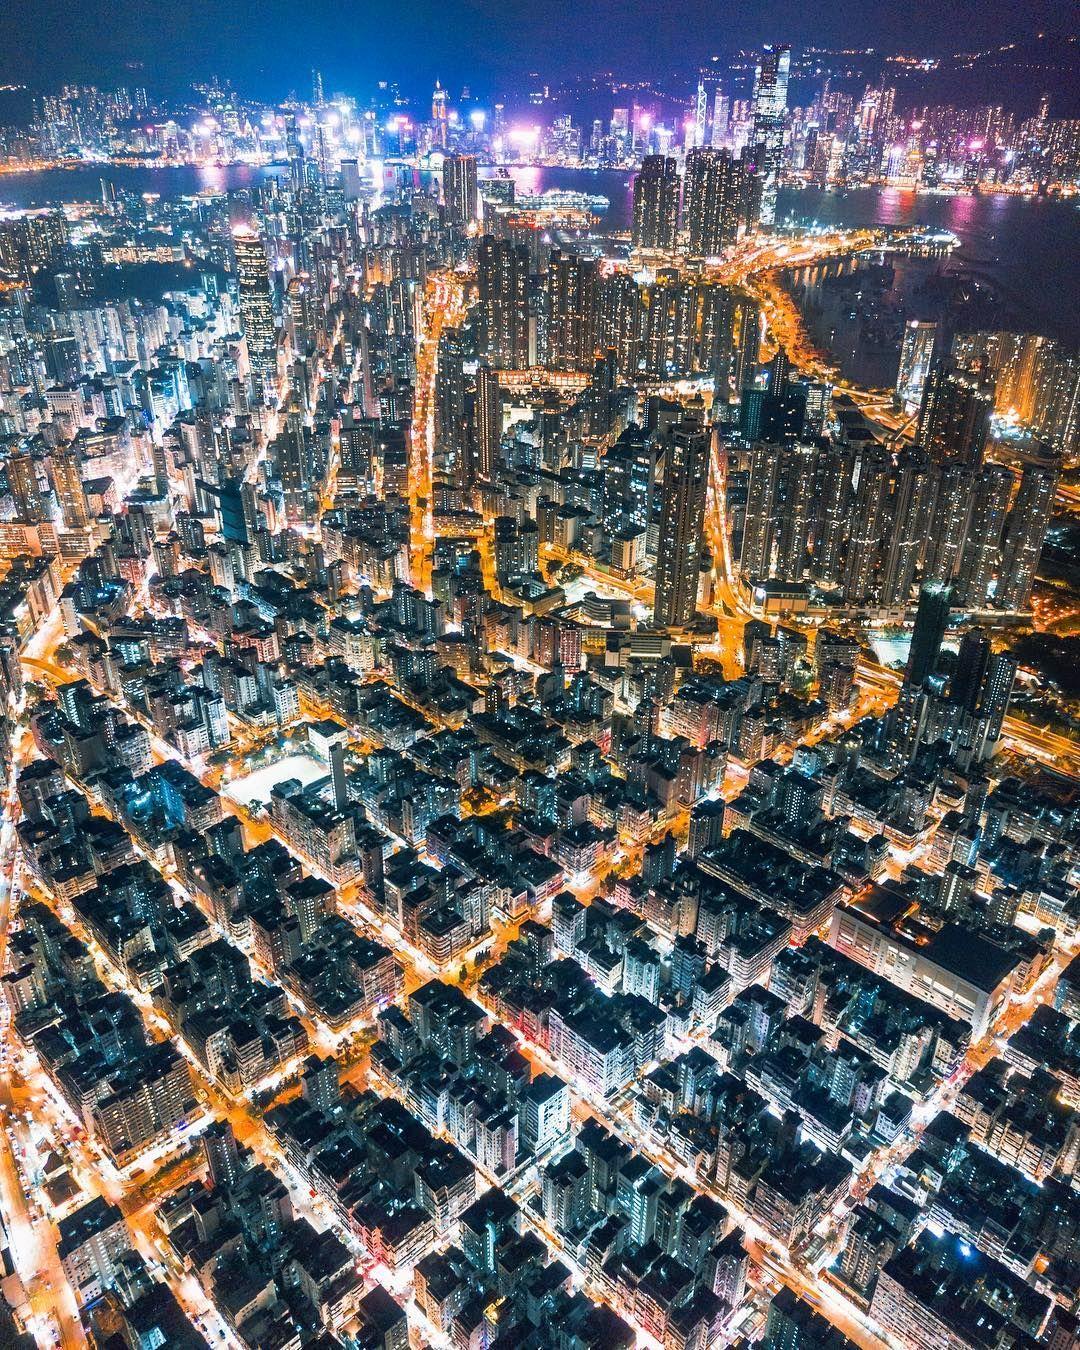 Hong Kong From Above Drone Photography By Timothy Ma Dengan Gambar